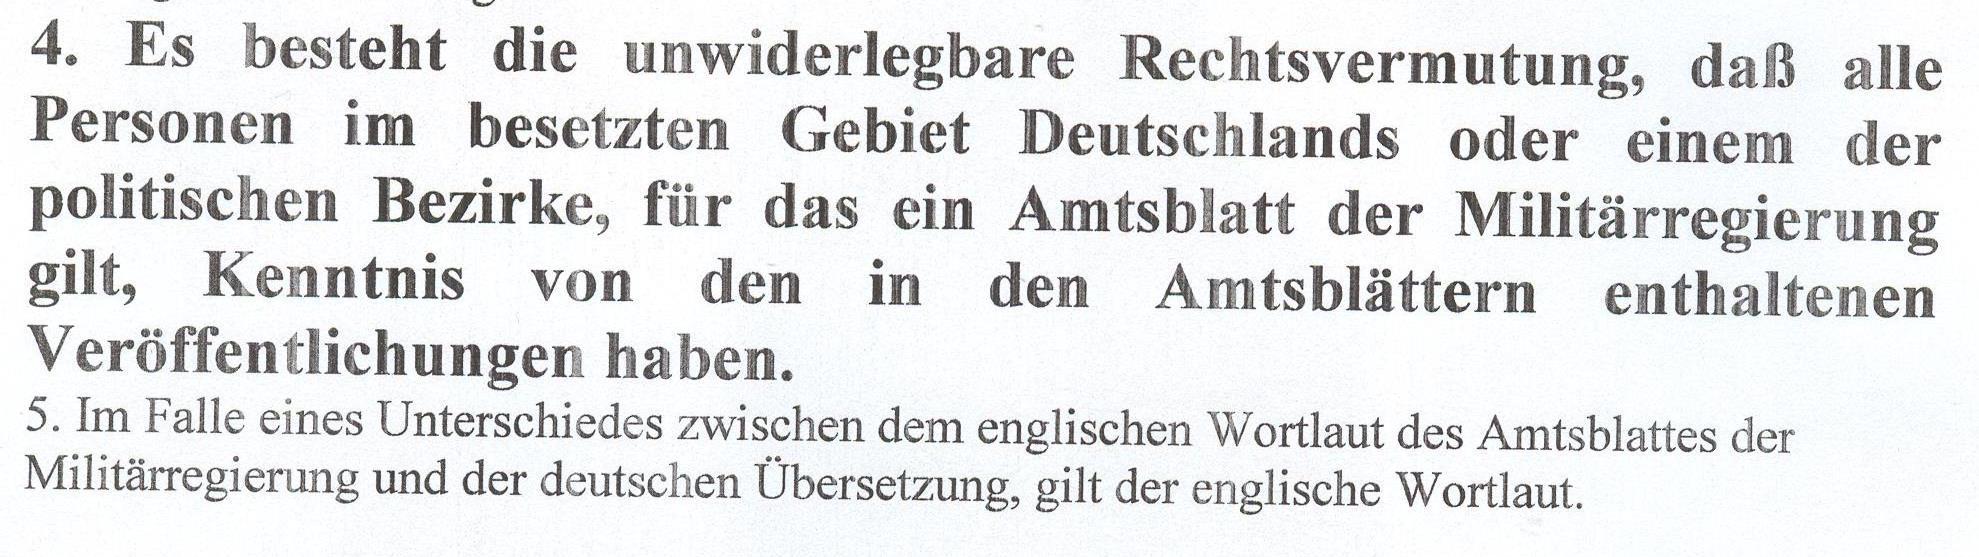 shaef-gesetz-4